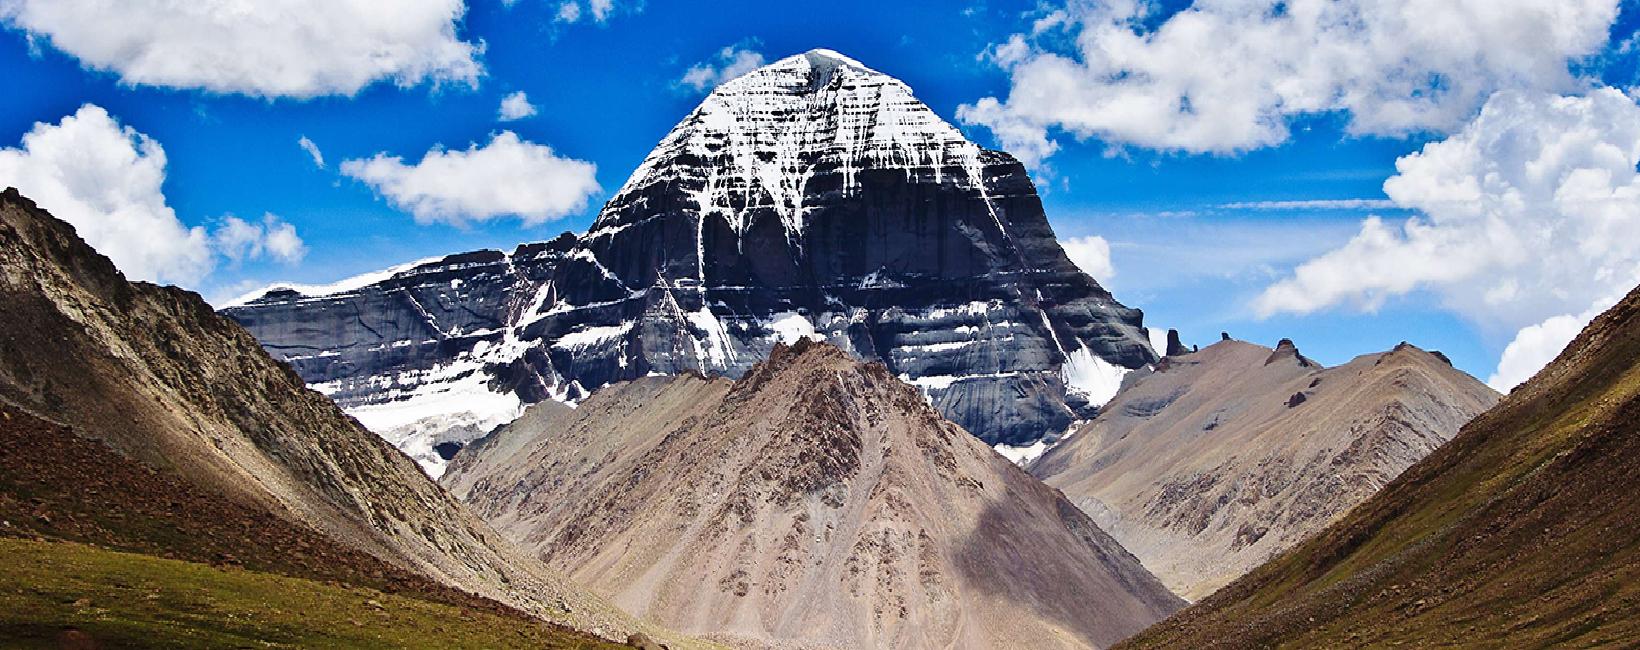 Mount Kailash Tour 7 Night 8 Days